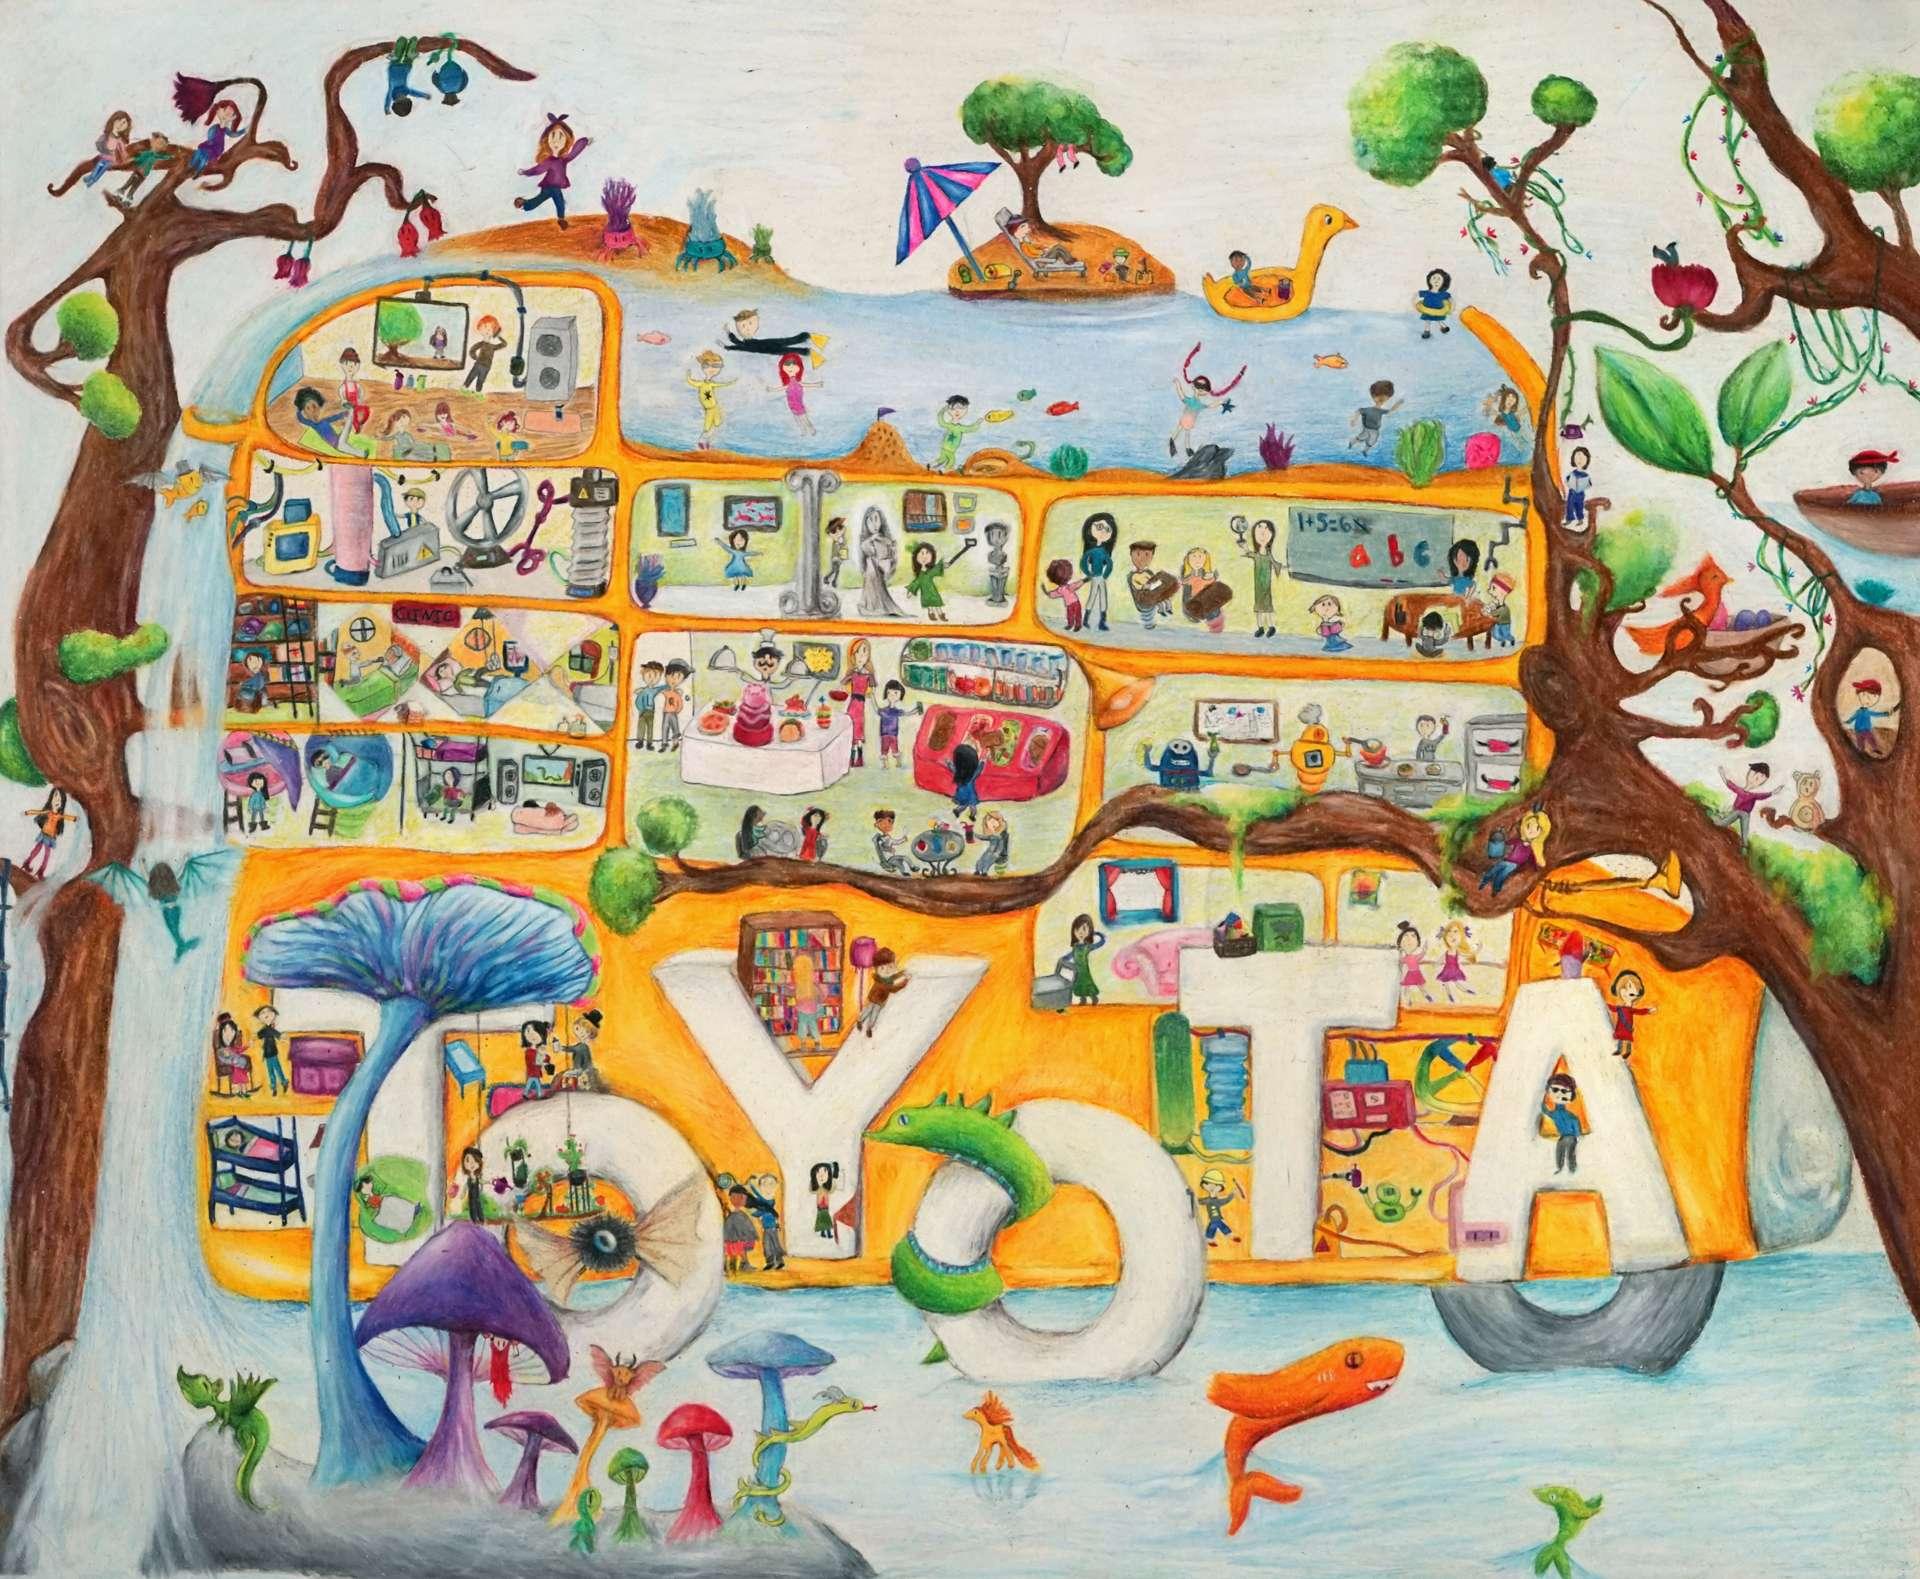 SILVER AWARD (Category 2): Surrealism Car by Ashley Han